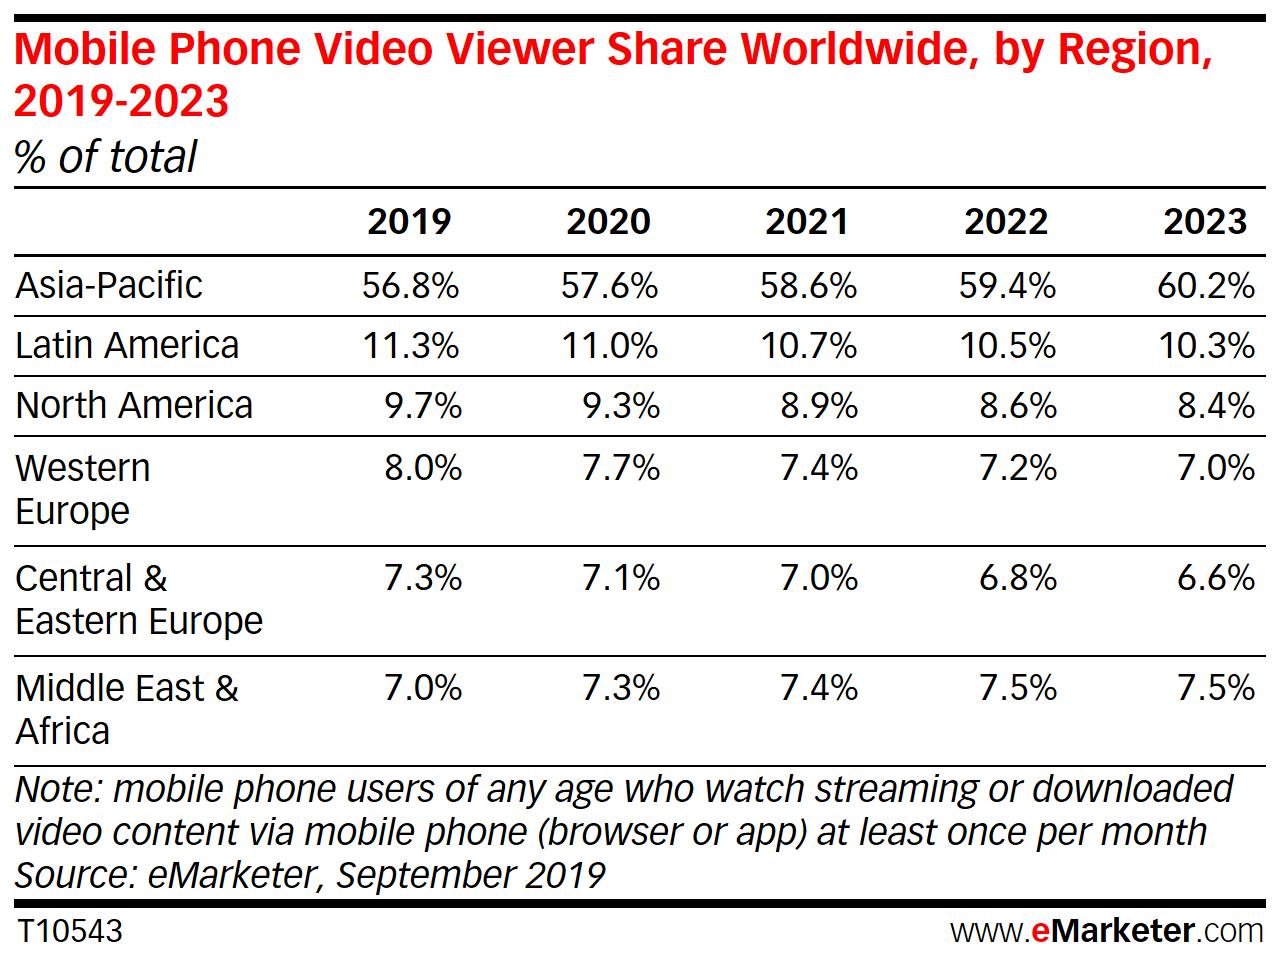 Répartitions des audiences mobile par région dans le monde de 2019 à 2023